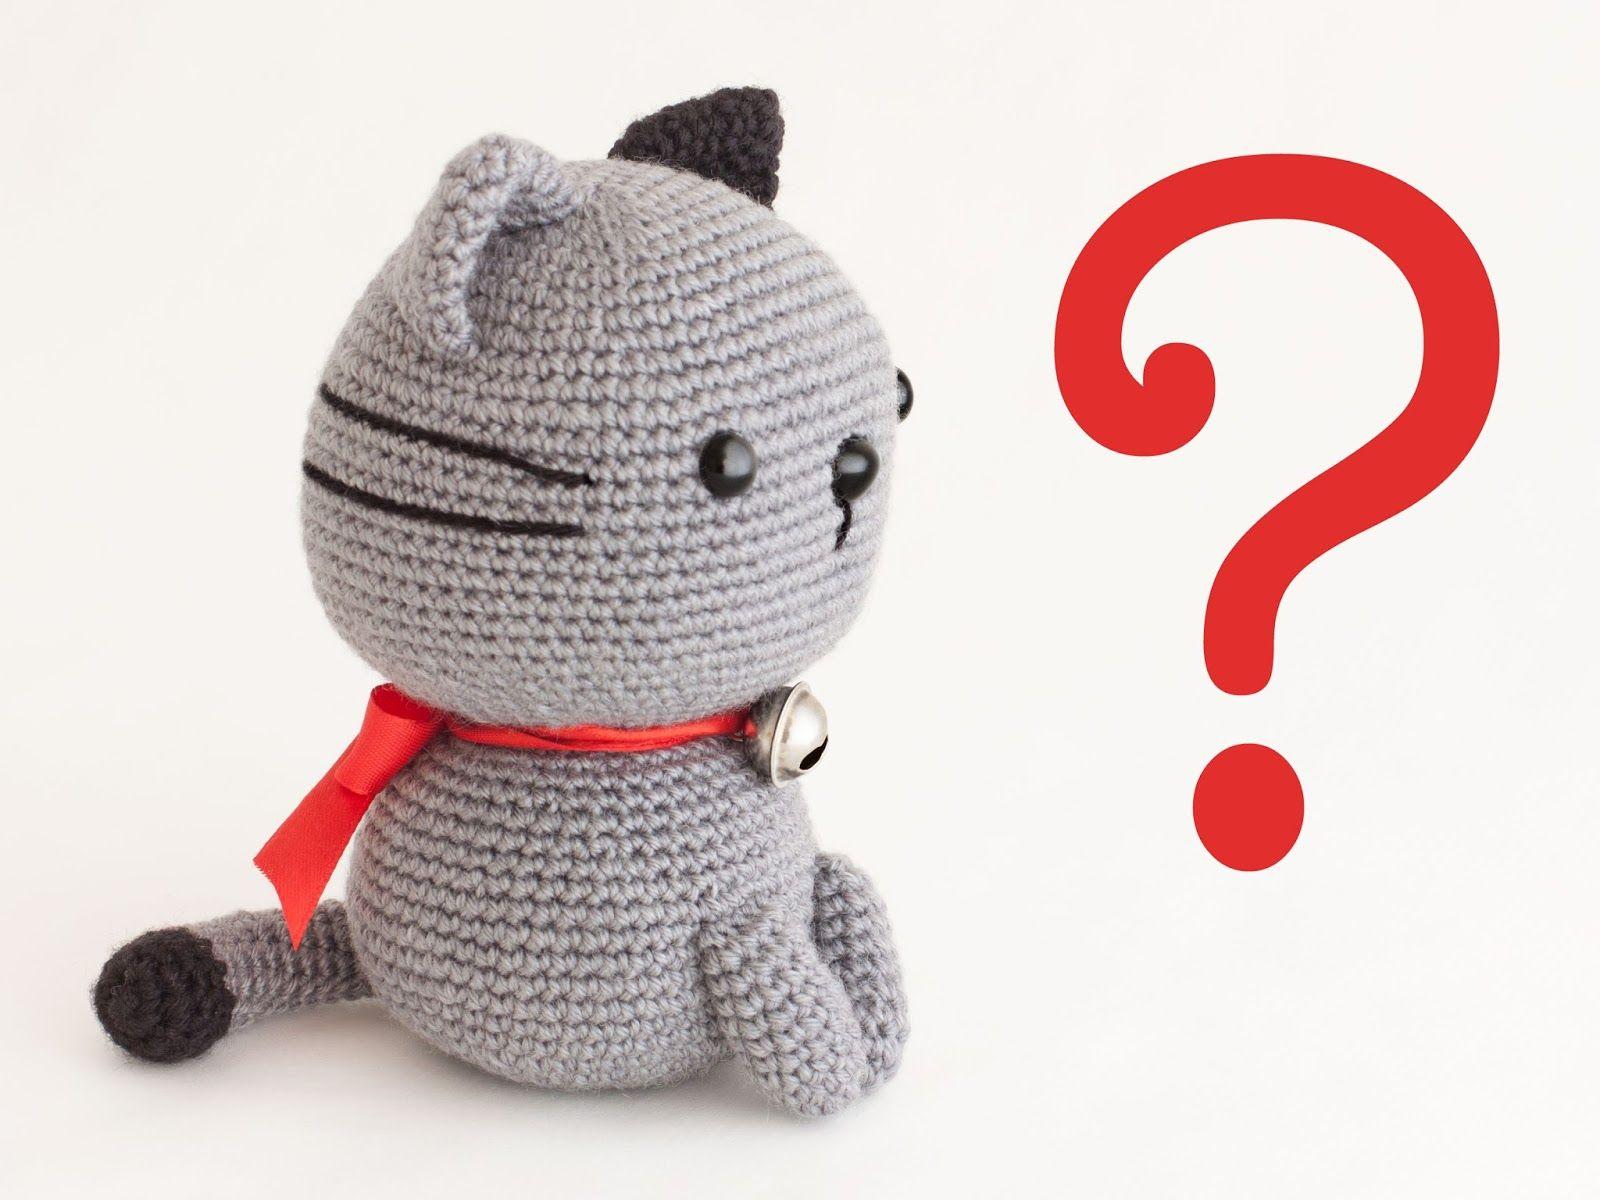 Pin de Being Kwan en free pattern | Pinterest | Gato, Tejido y Ganchillo